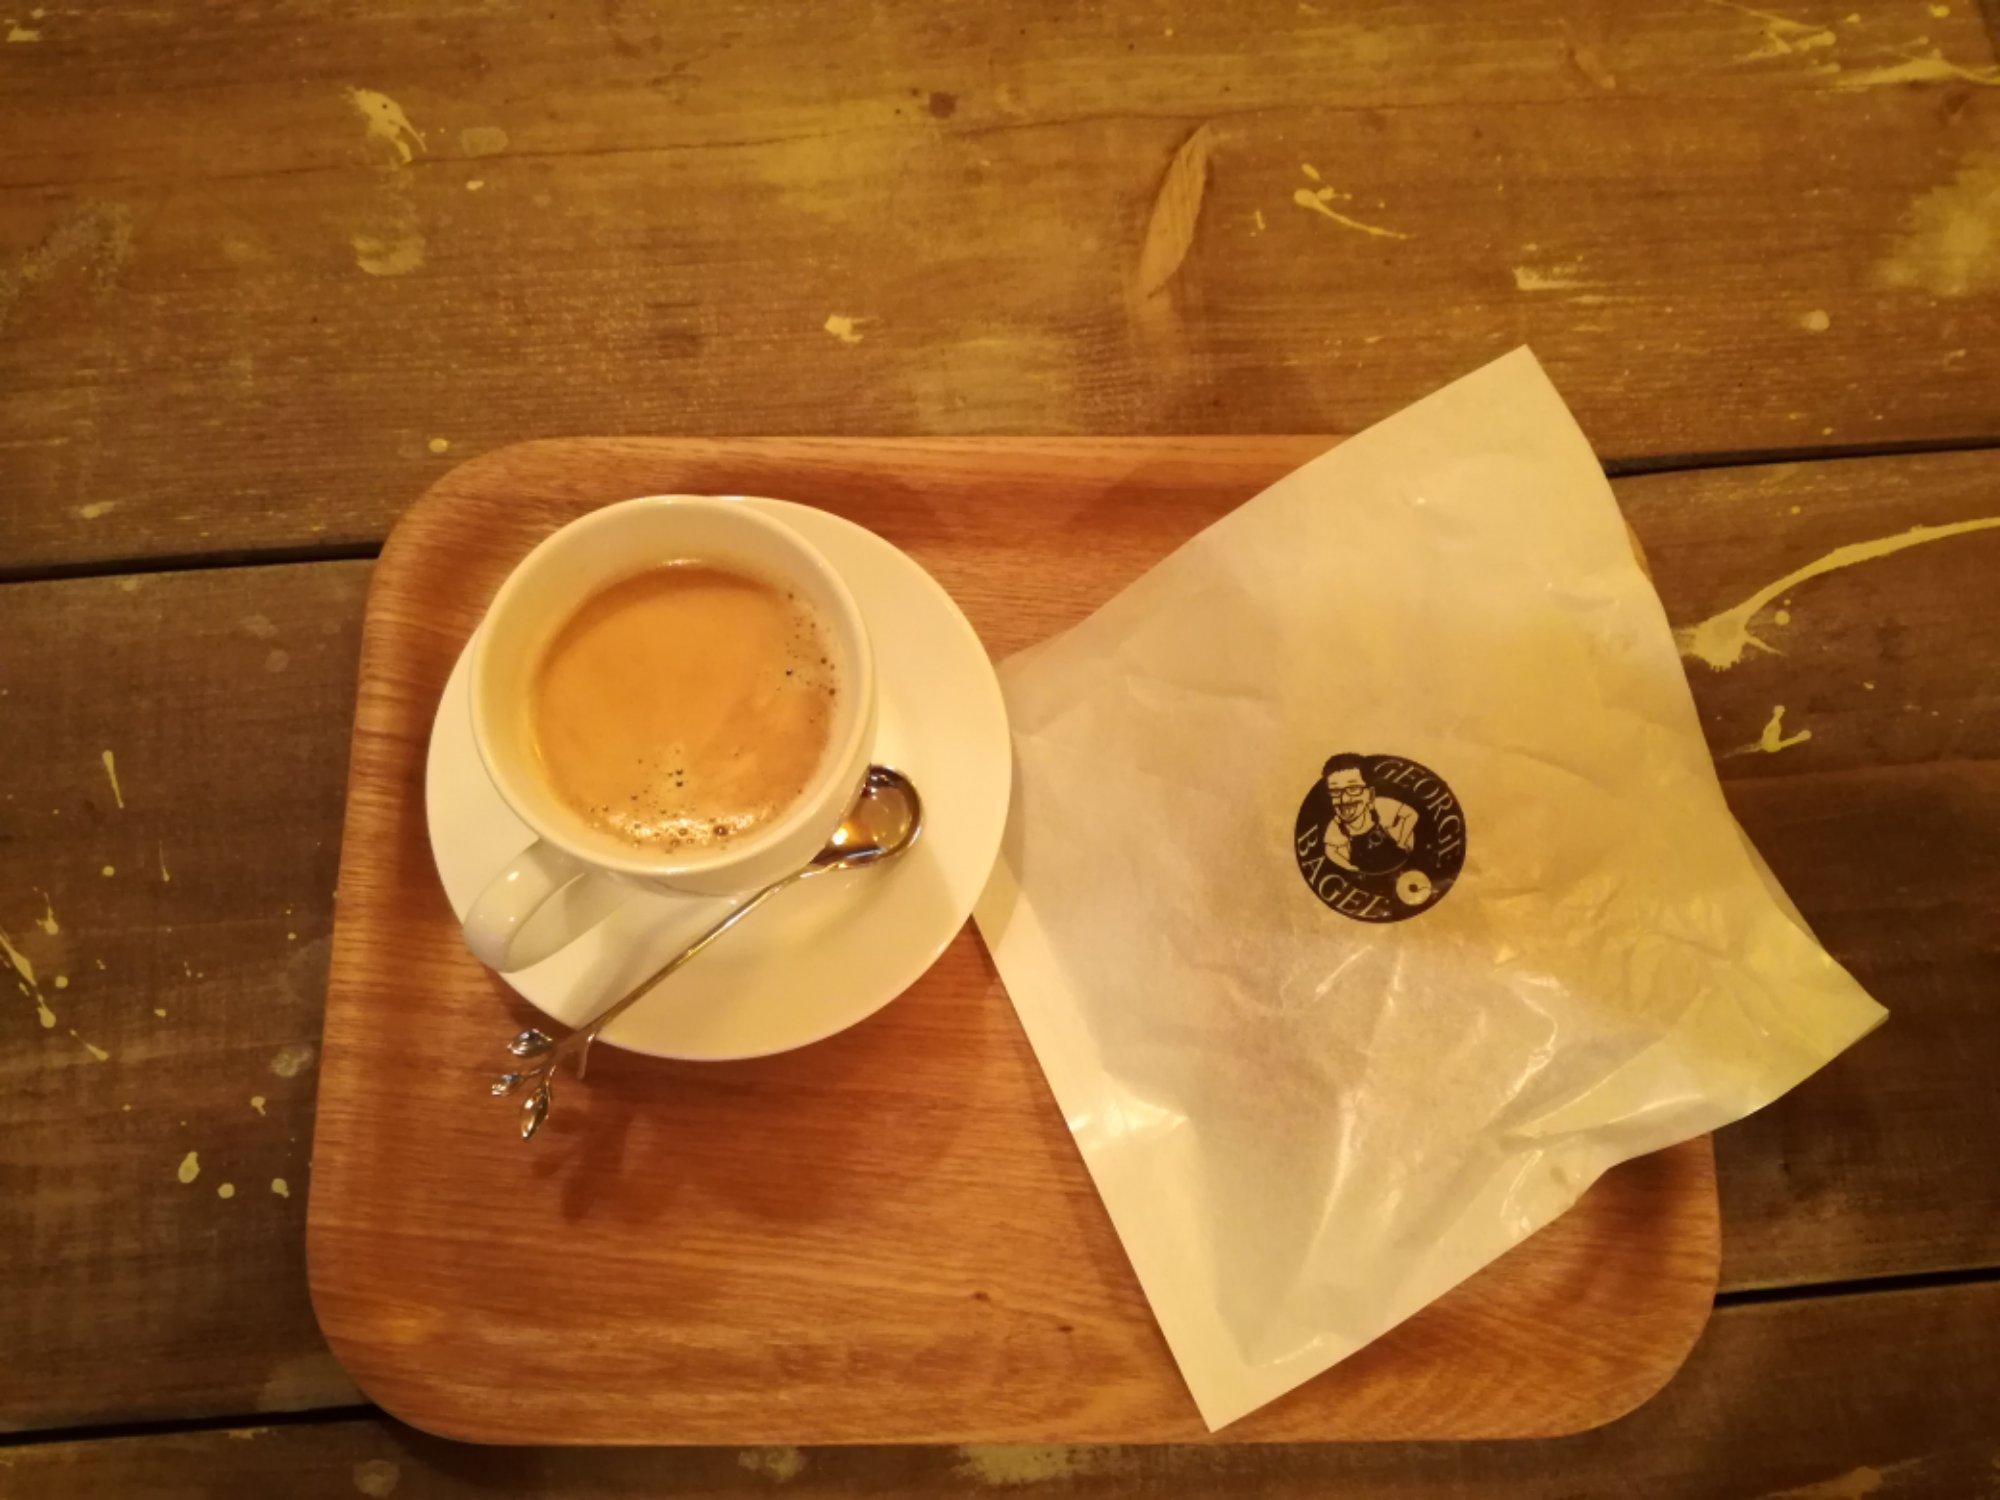 【大阪*桜川】こんなところにベーグルカフェ?斬新なベーグルが食べれちゃうジョージベーグル